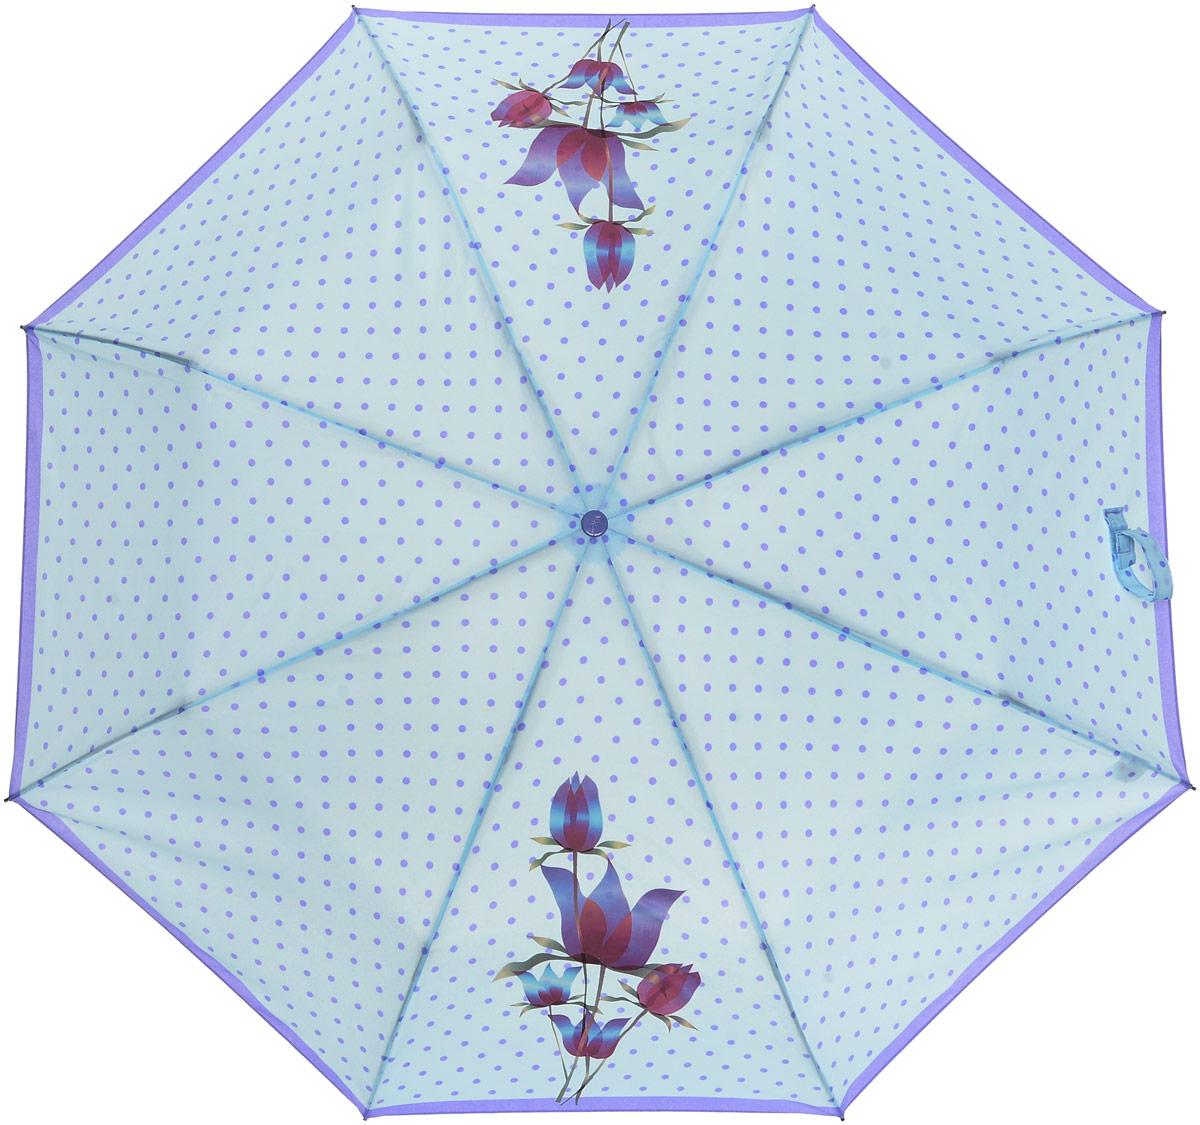 Зонт женский Airton, механический, 3 сложения, цвет: белый, фуксия. 3511-1803511-180Классический женский зонт Airton в 3 сложения имеет механическую систему открытия и закрытия. Каркас зонта выполнен из восьми спиц на прочном стержне. Купол зонта изготовлен из прочного полиэстера. Практичная рукоятка закругленной формы разработана с учетом требований эргономики и выполнена из качественного пластика с противоскользящей обработкой. Такой зонт оснащен системой антиветер, которая позволяет спицам при порывах ветрах выгибаться наизнанку, и при этом не ломаться. К зонту прилагается чехол.